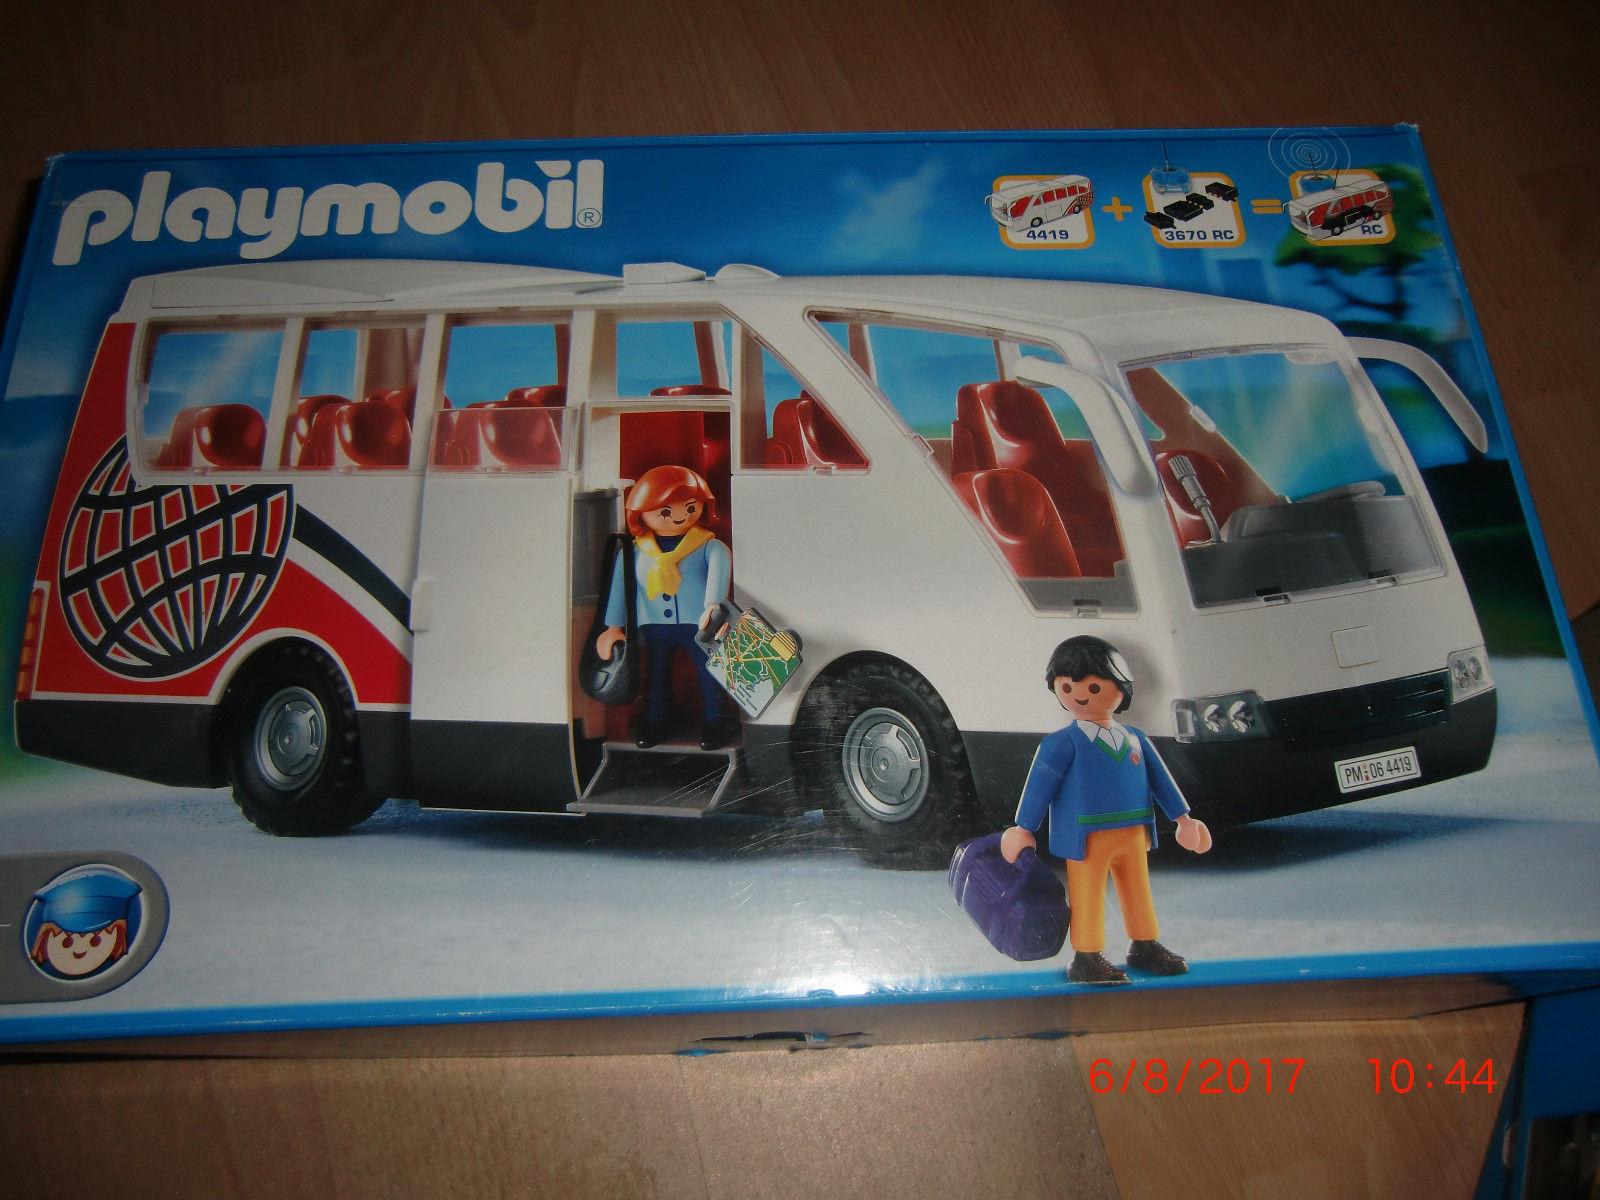 Playmobil bus 4419 bauanleitung